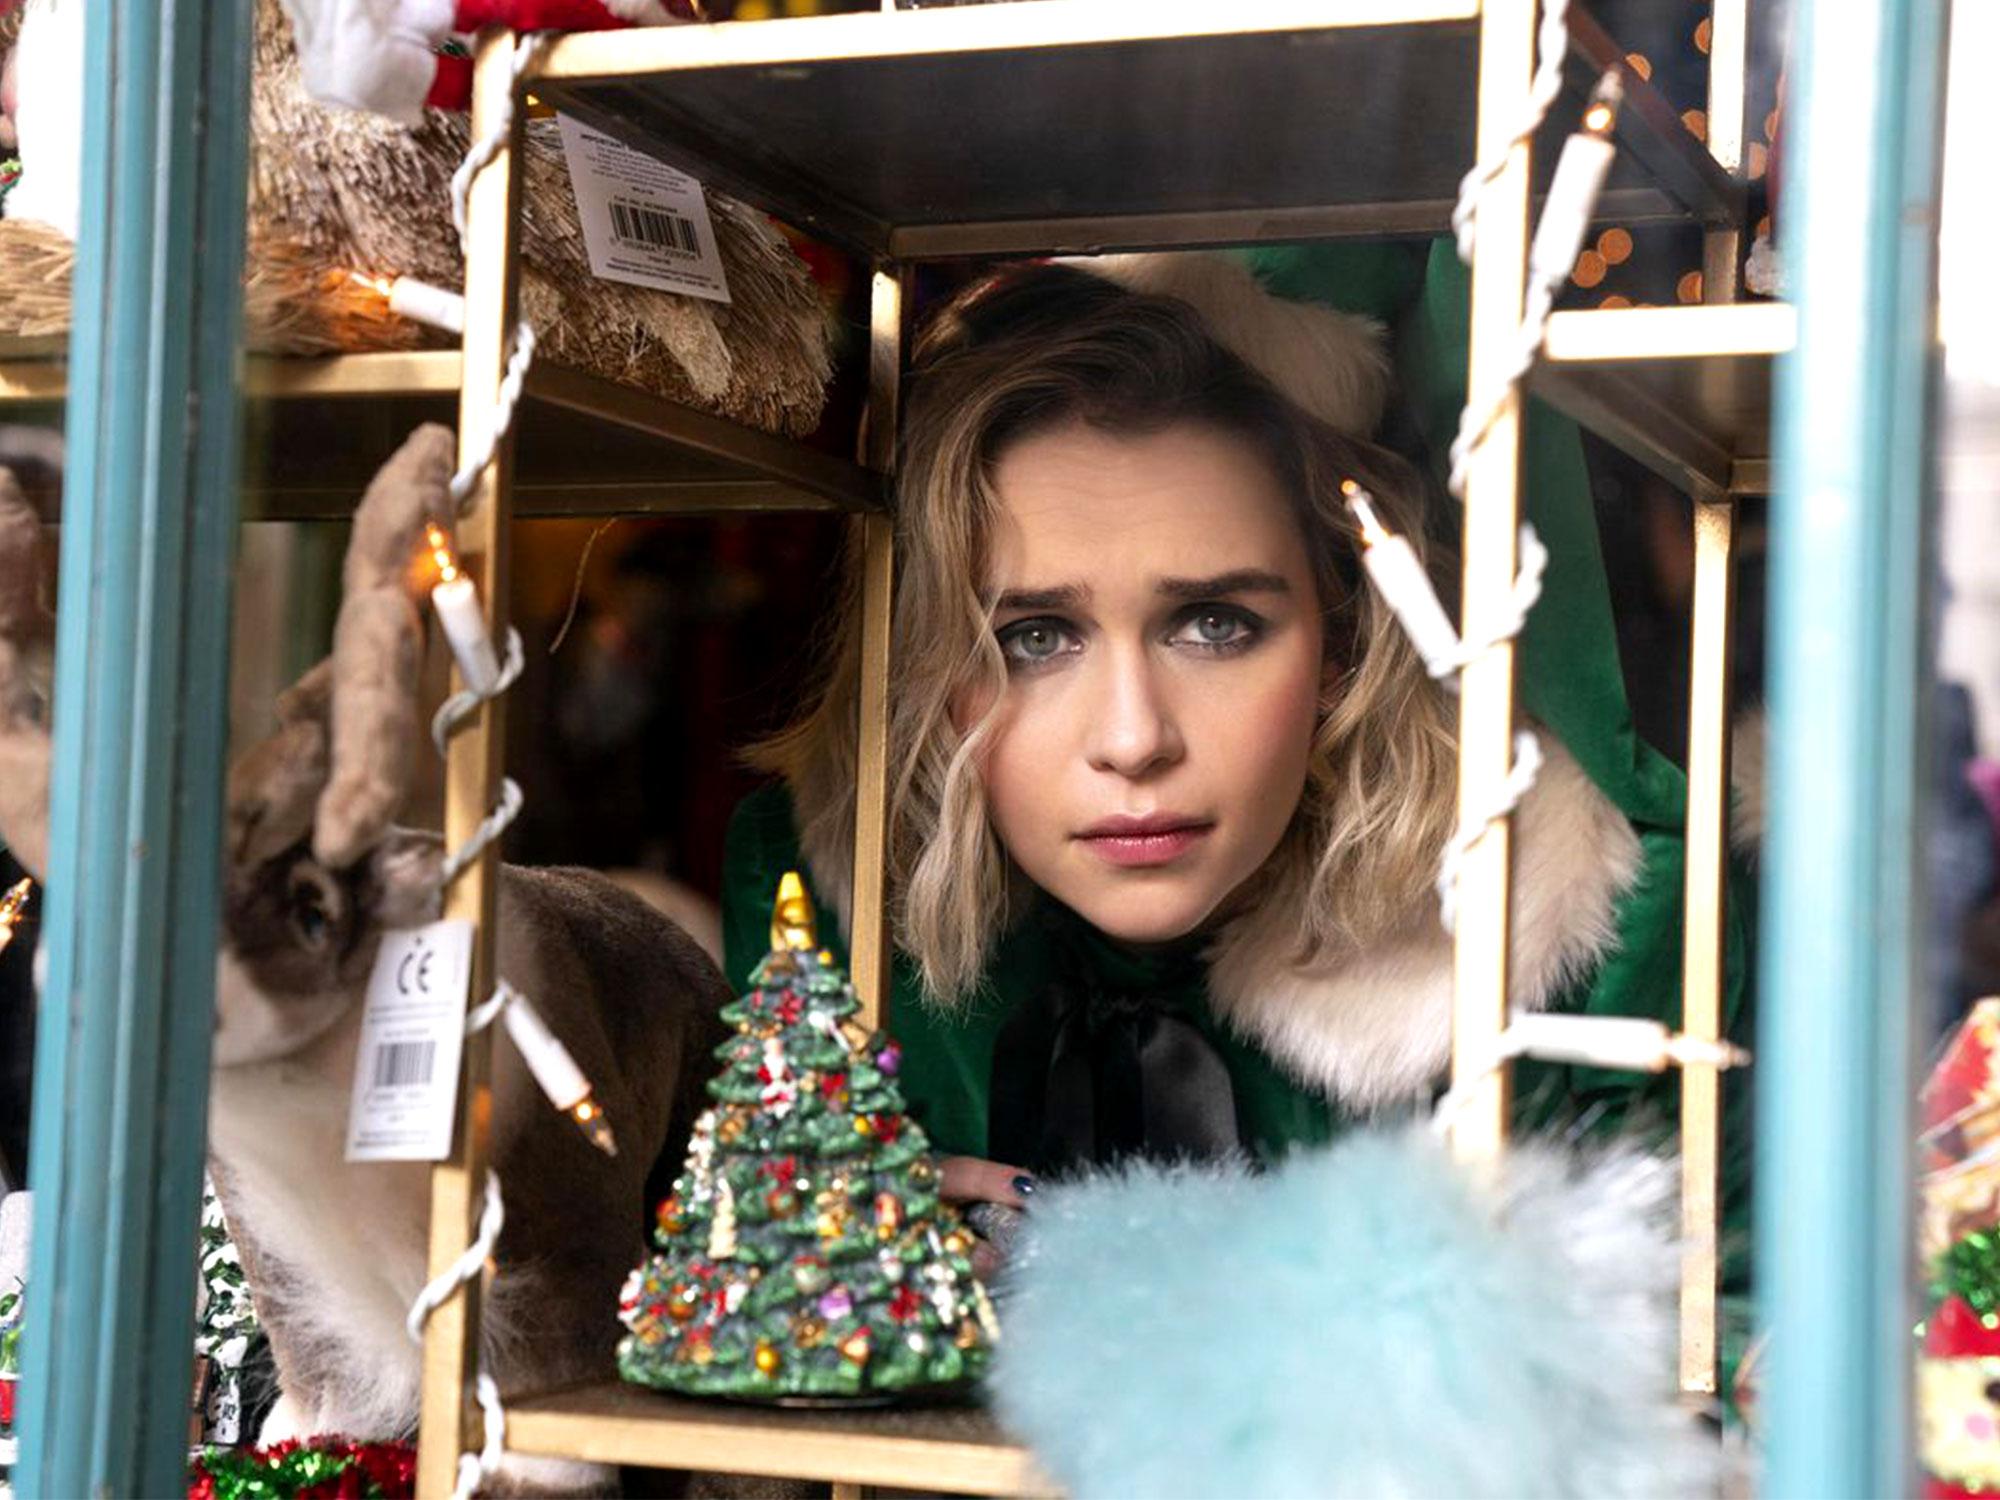 Last Christmas, Wustoo